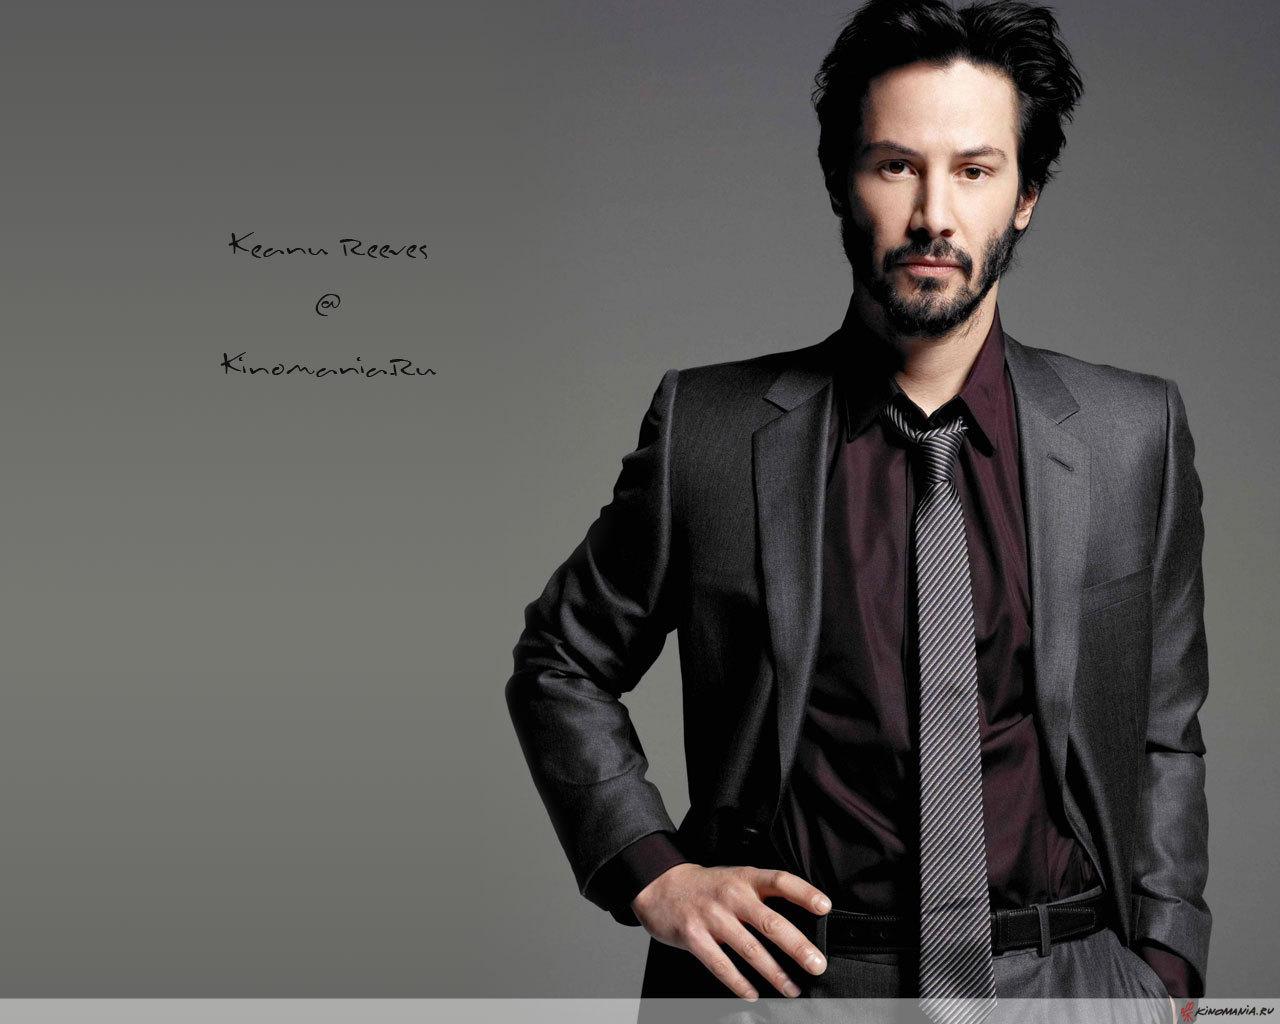 Keanu Reeves - Keanu R...